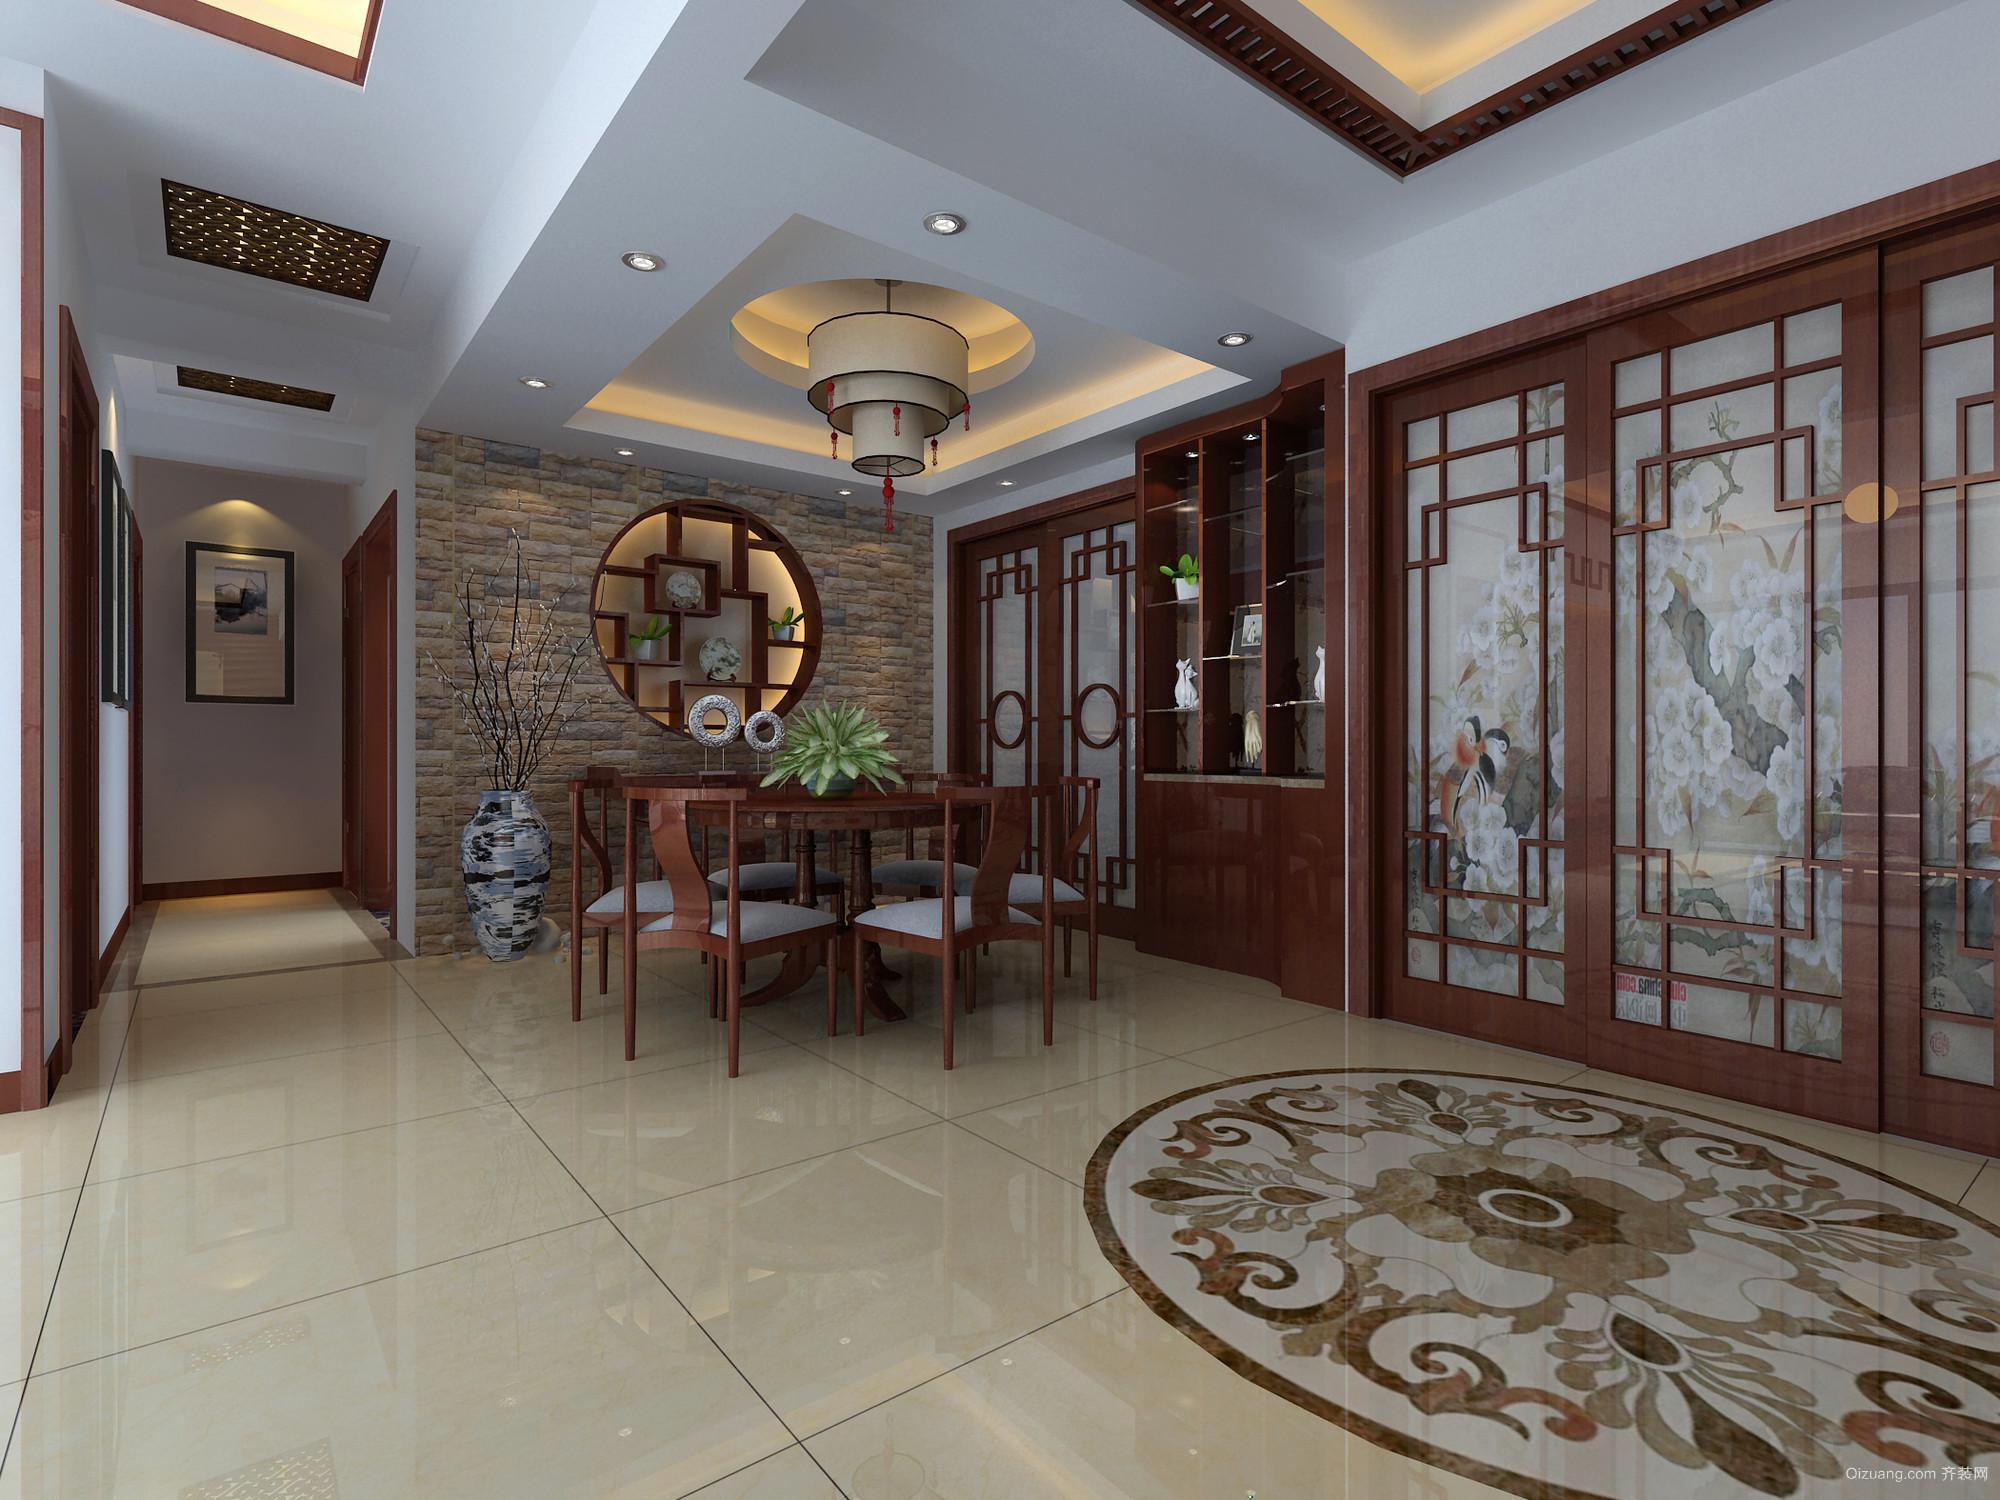 复式楼中式古典格调的餐厅设计效果图